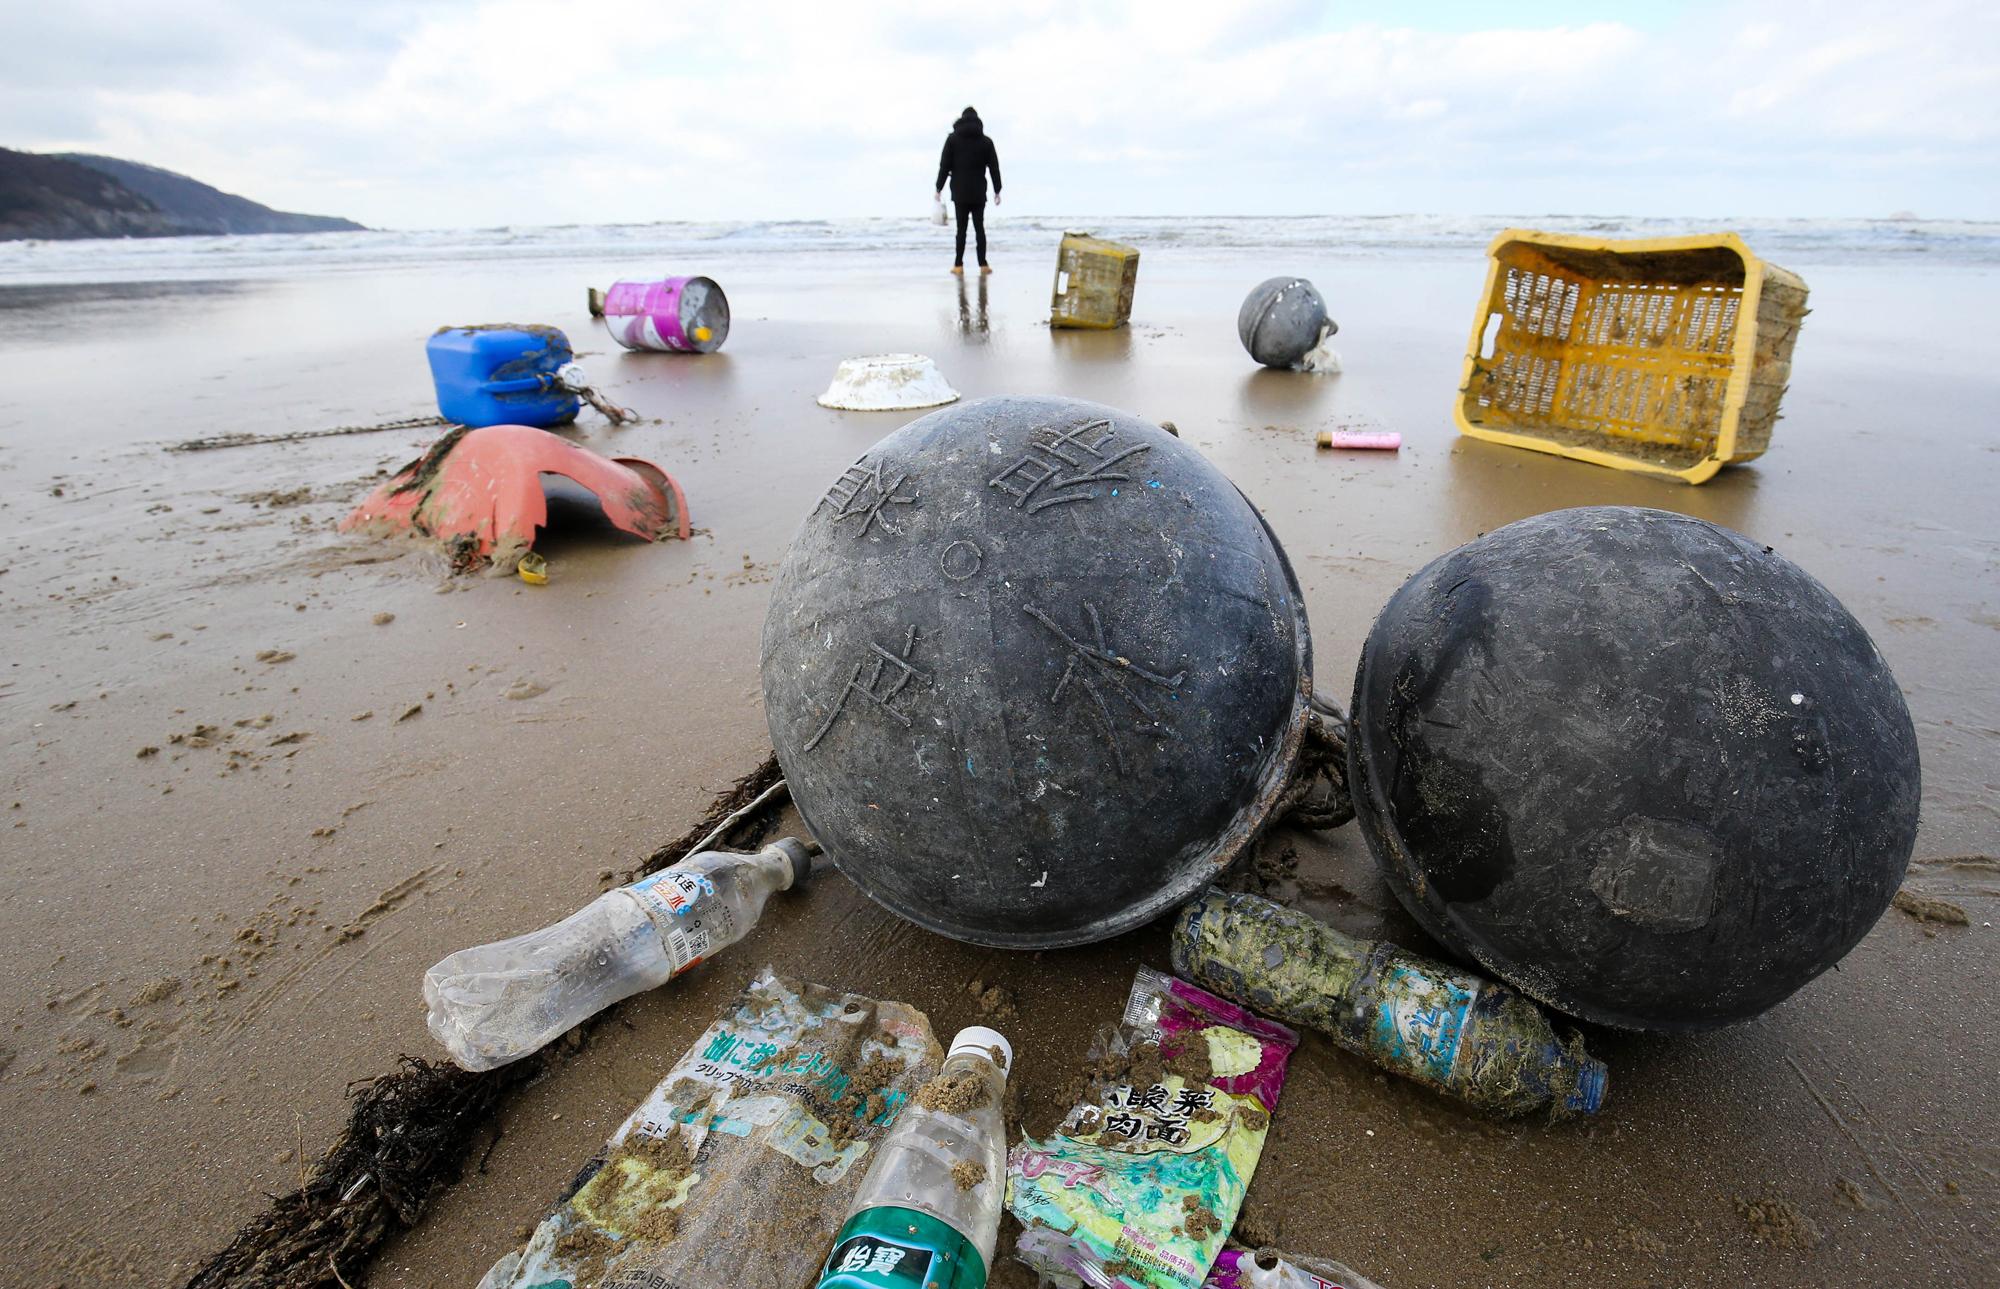 전남 신안군 자은도 양산해변에 중국글씨가 있는 어구와 페트병이 해변에 널려있다.신안-프리랜서 장정필